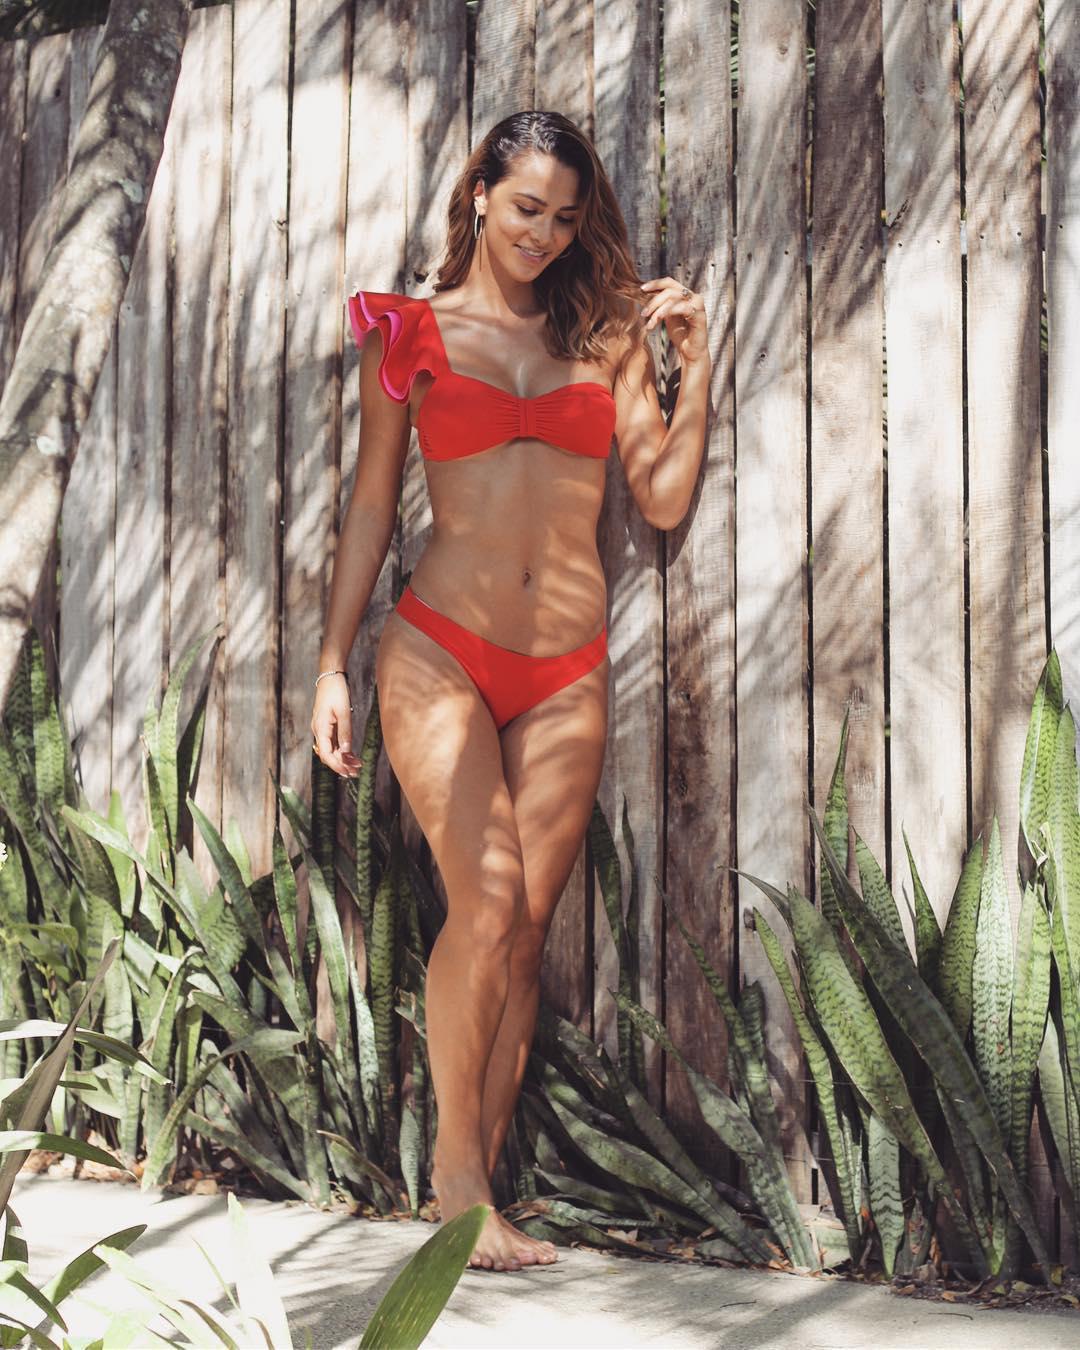 Sexy Hot Karina Ramos naked photo 2017